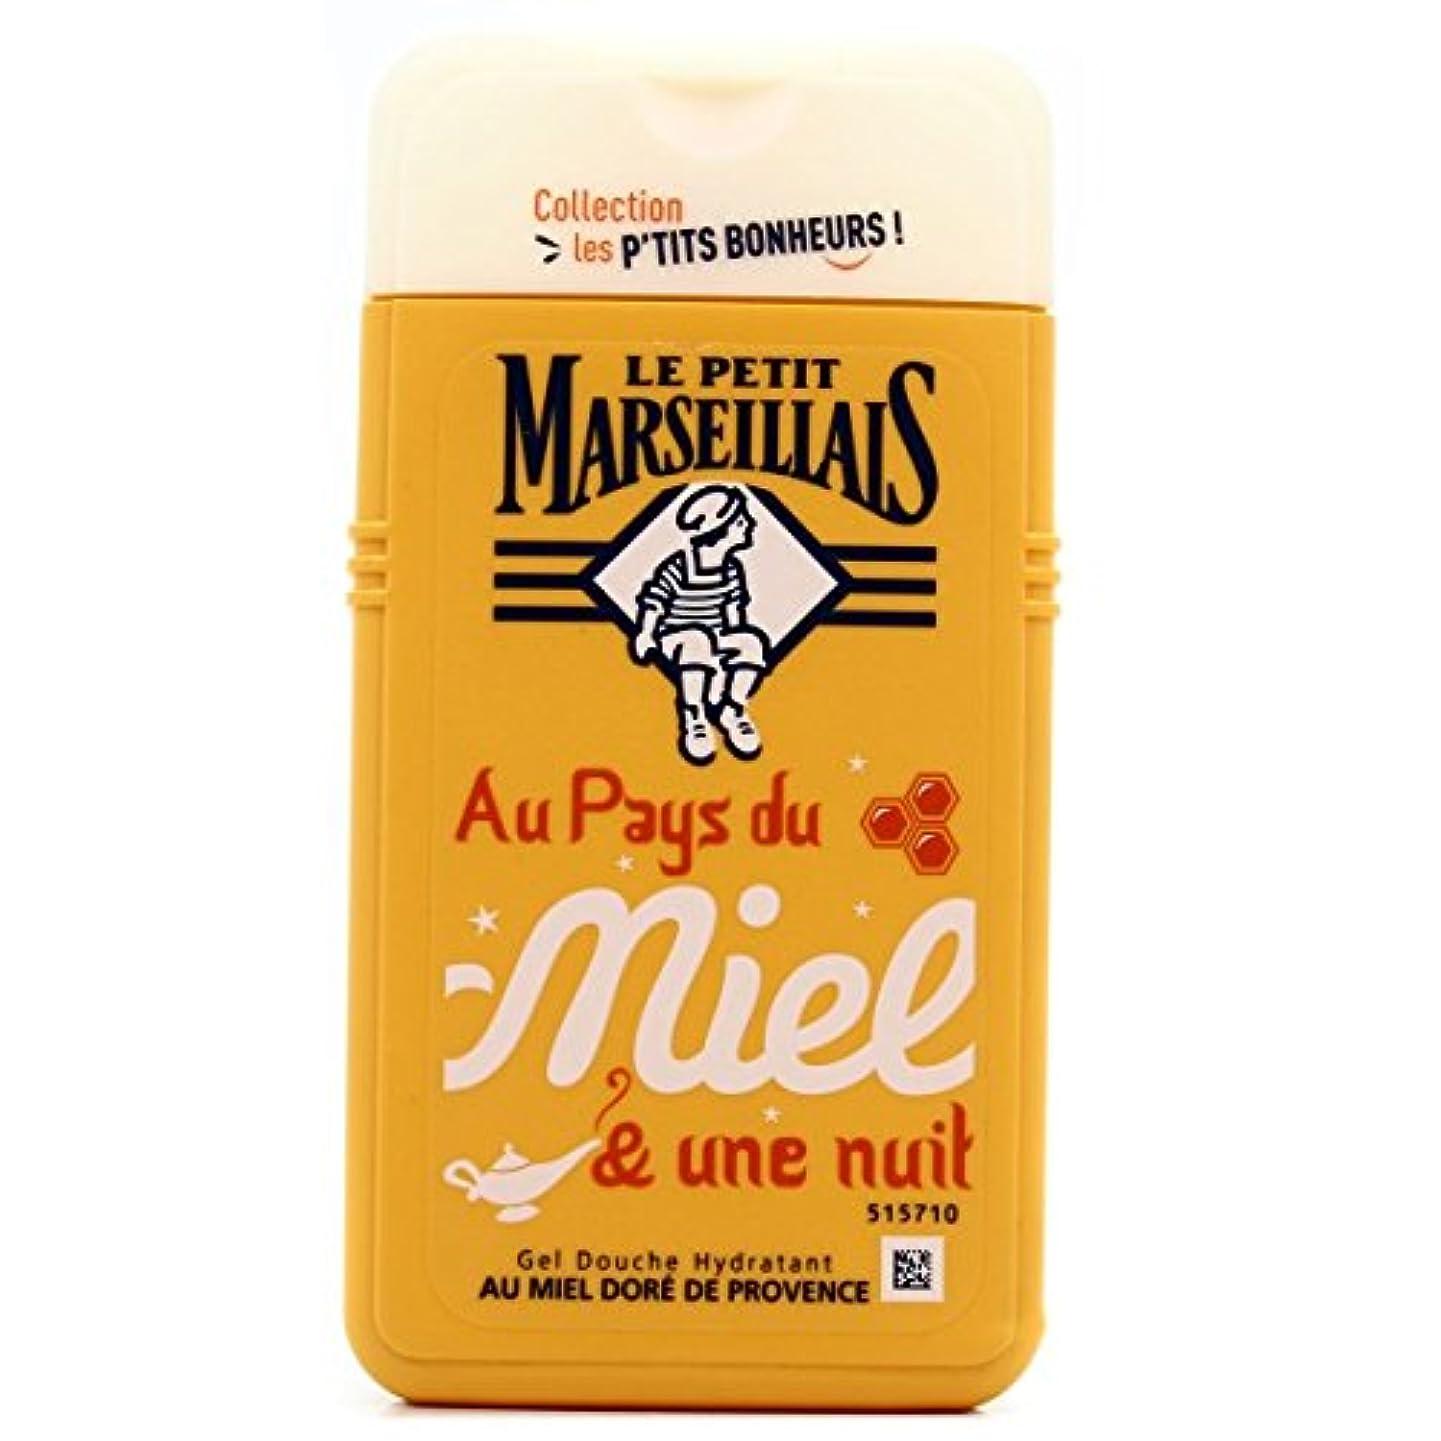 スカーフおなかがすいた地平線ル?プティ?マルセイユ (Le Petit Marseillais)les P'TITS BONHEURS はちみつ シャワージェル ボディウォッシュ 250ml